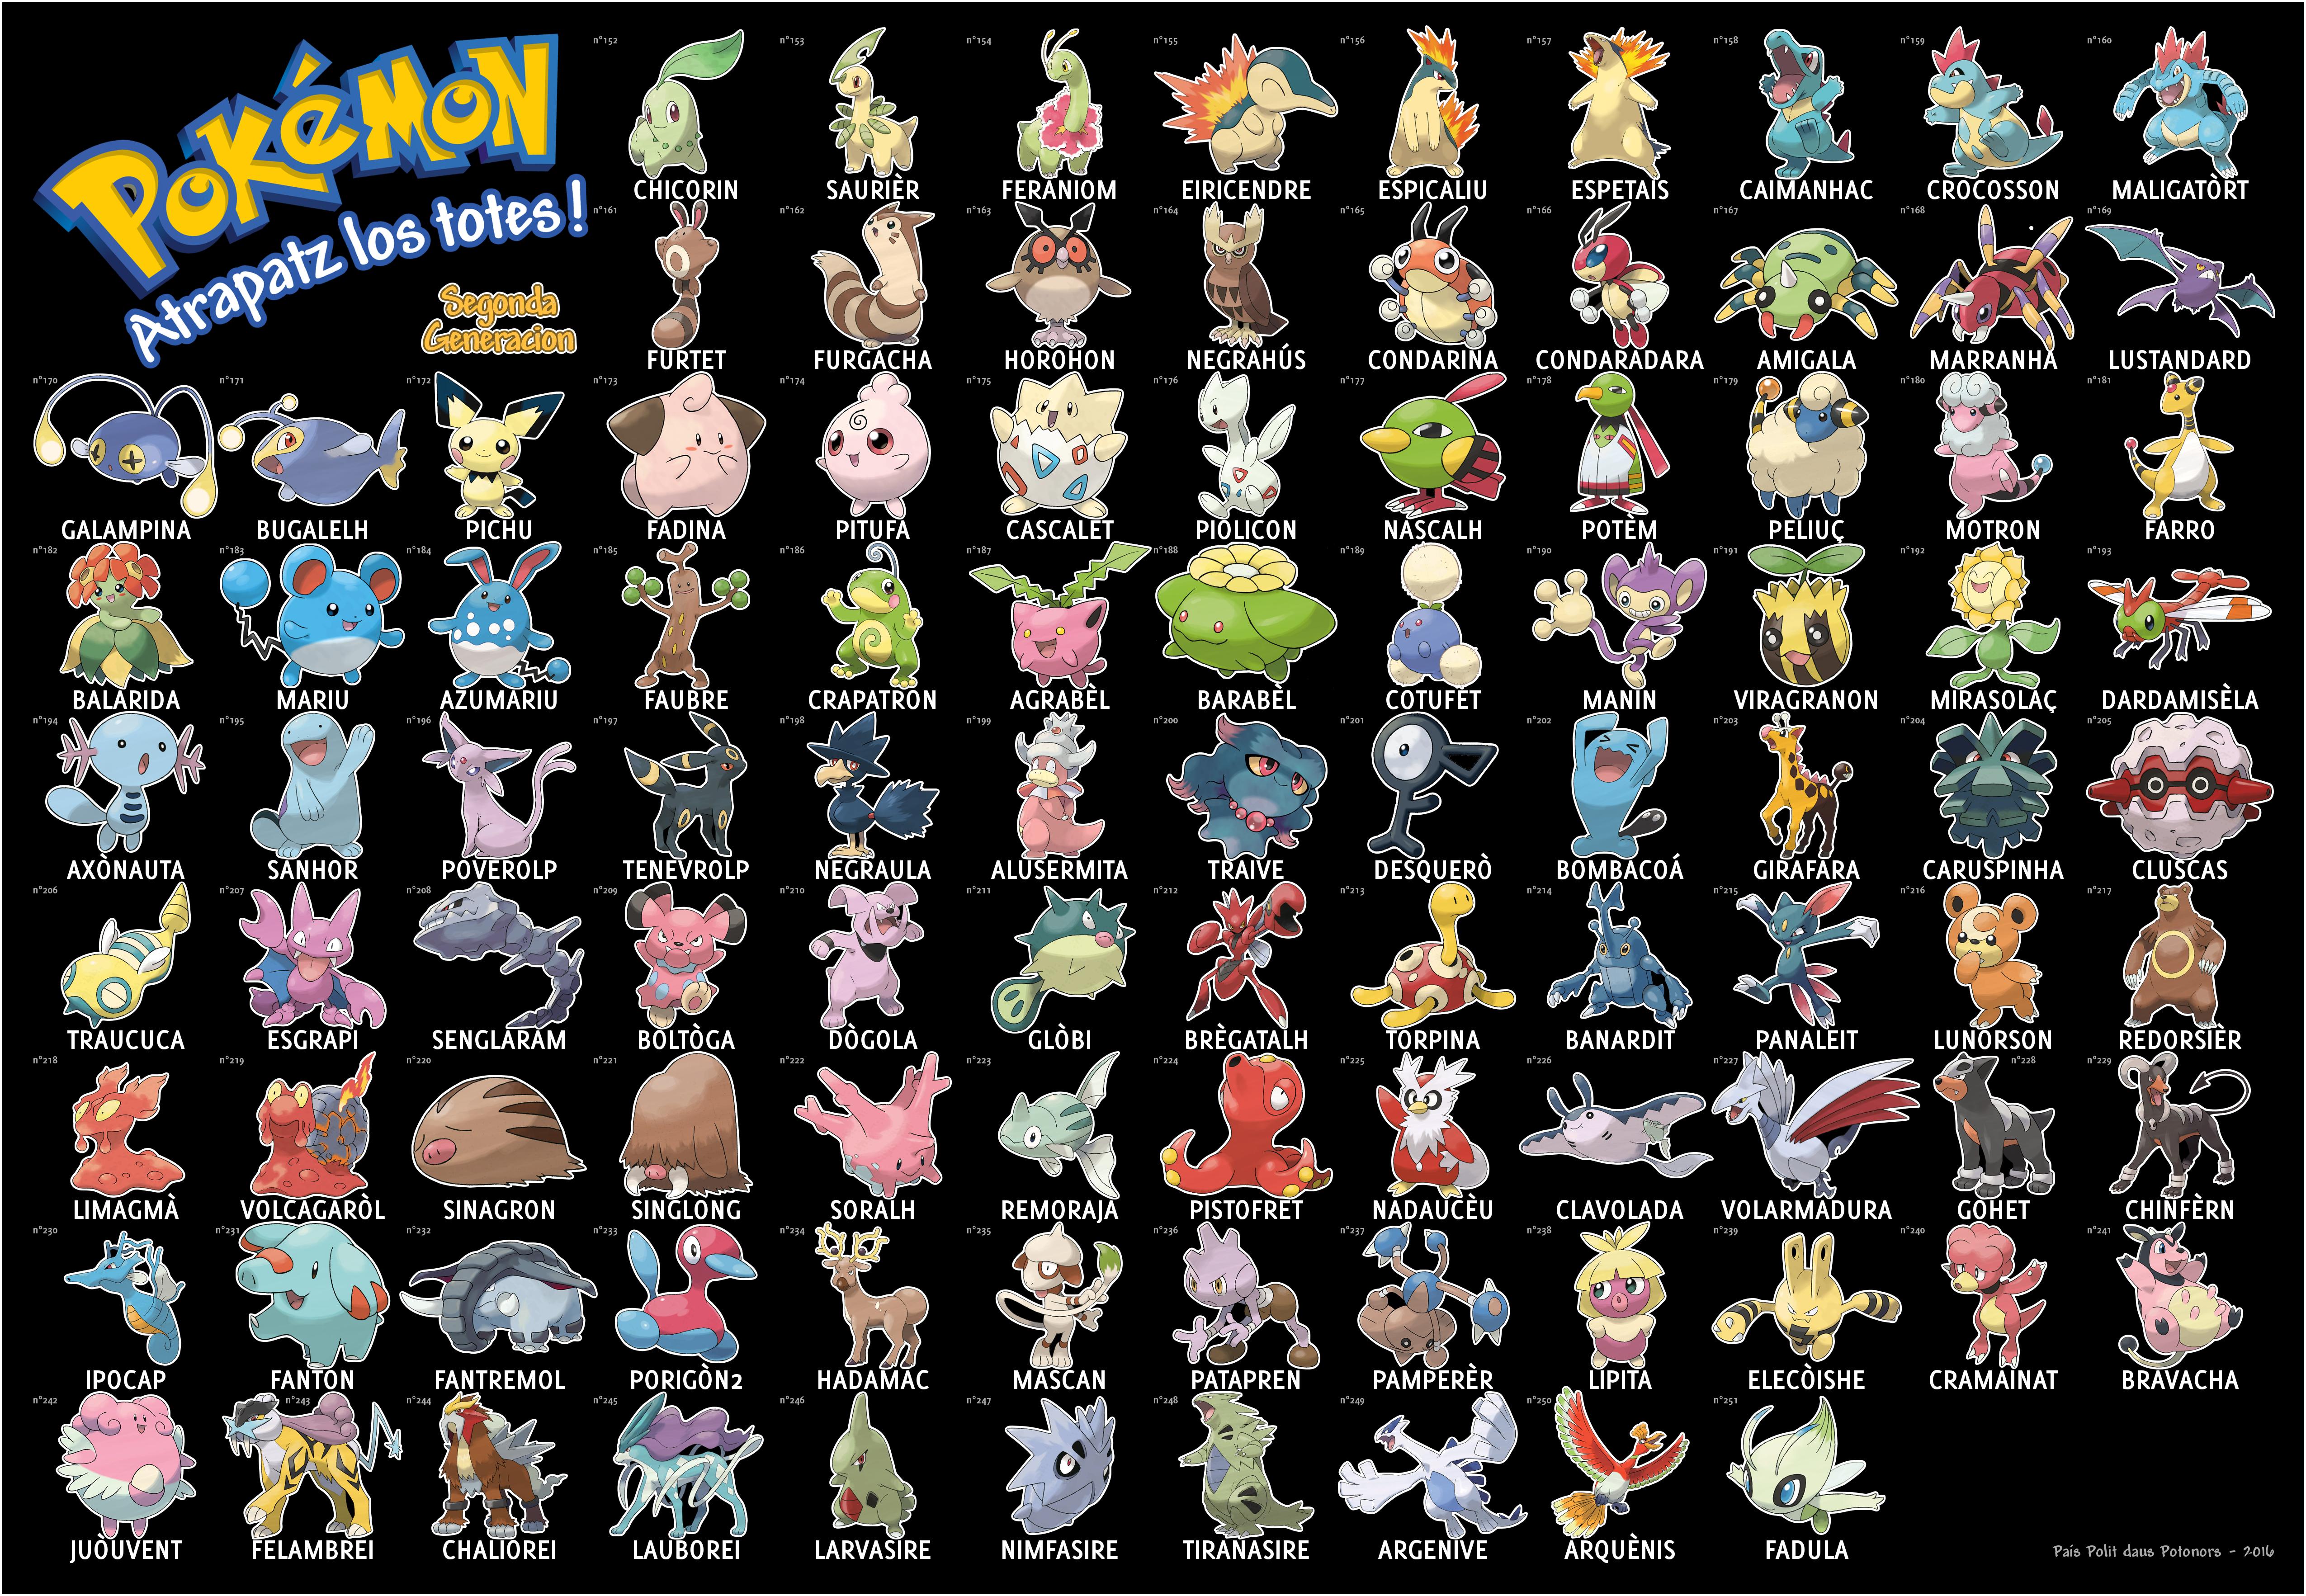 Pokémon Occitan Segonda Generacion